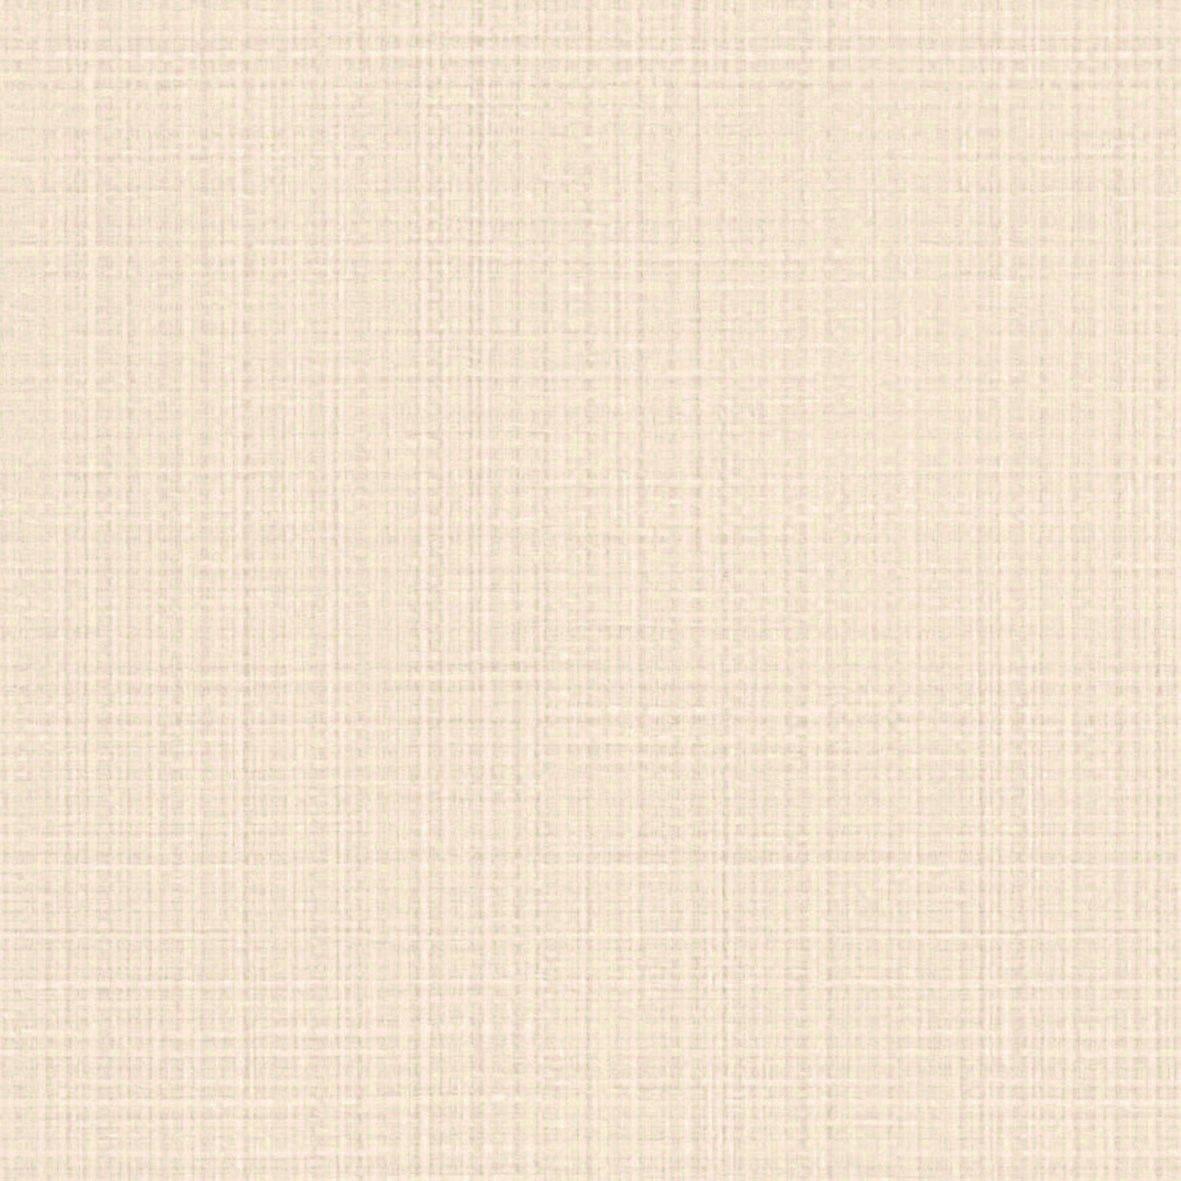 リリカラ 壁紙32m ナチュラル 織物調 ベージュ LL-8761 B01N3WI5HK 32m|ベージュ